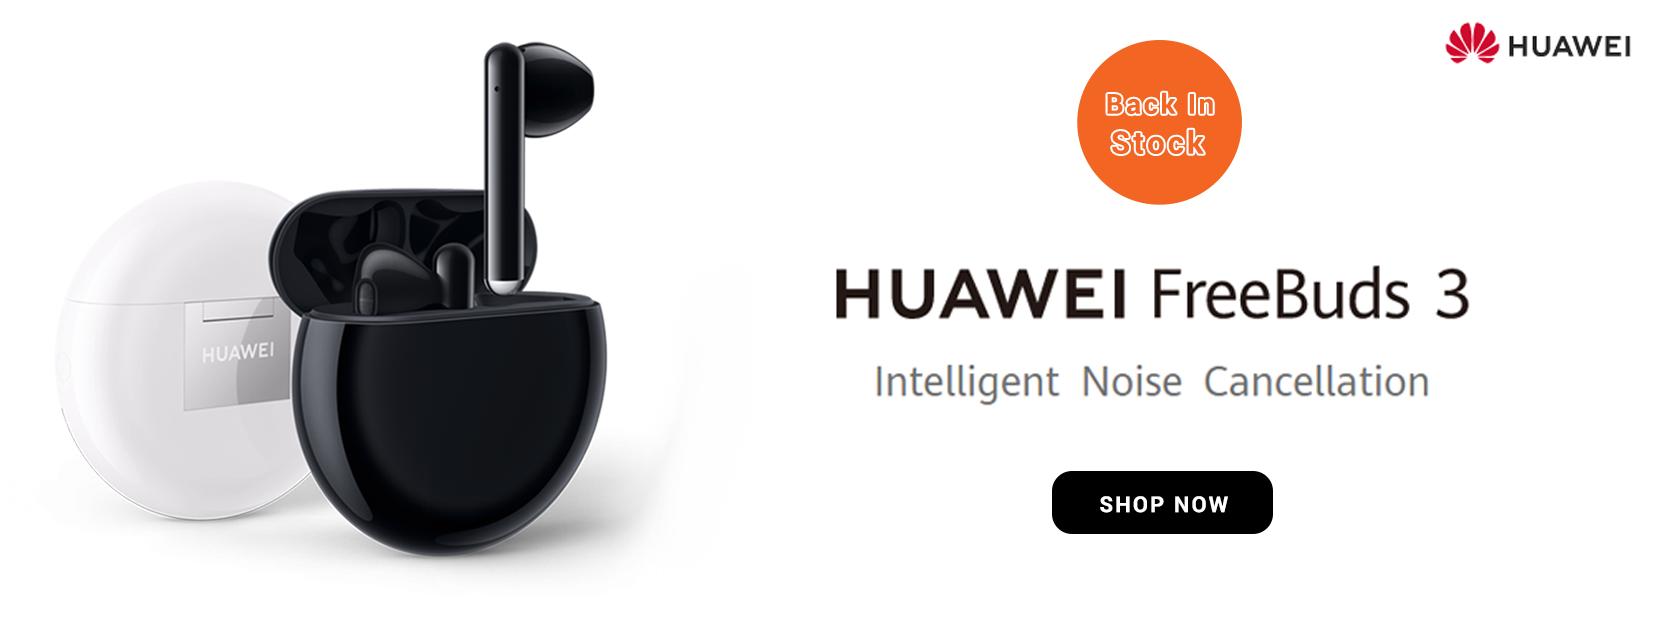 Huawei Freebuds Banner